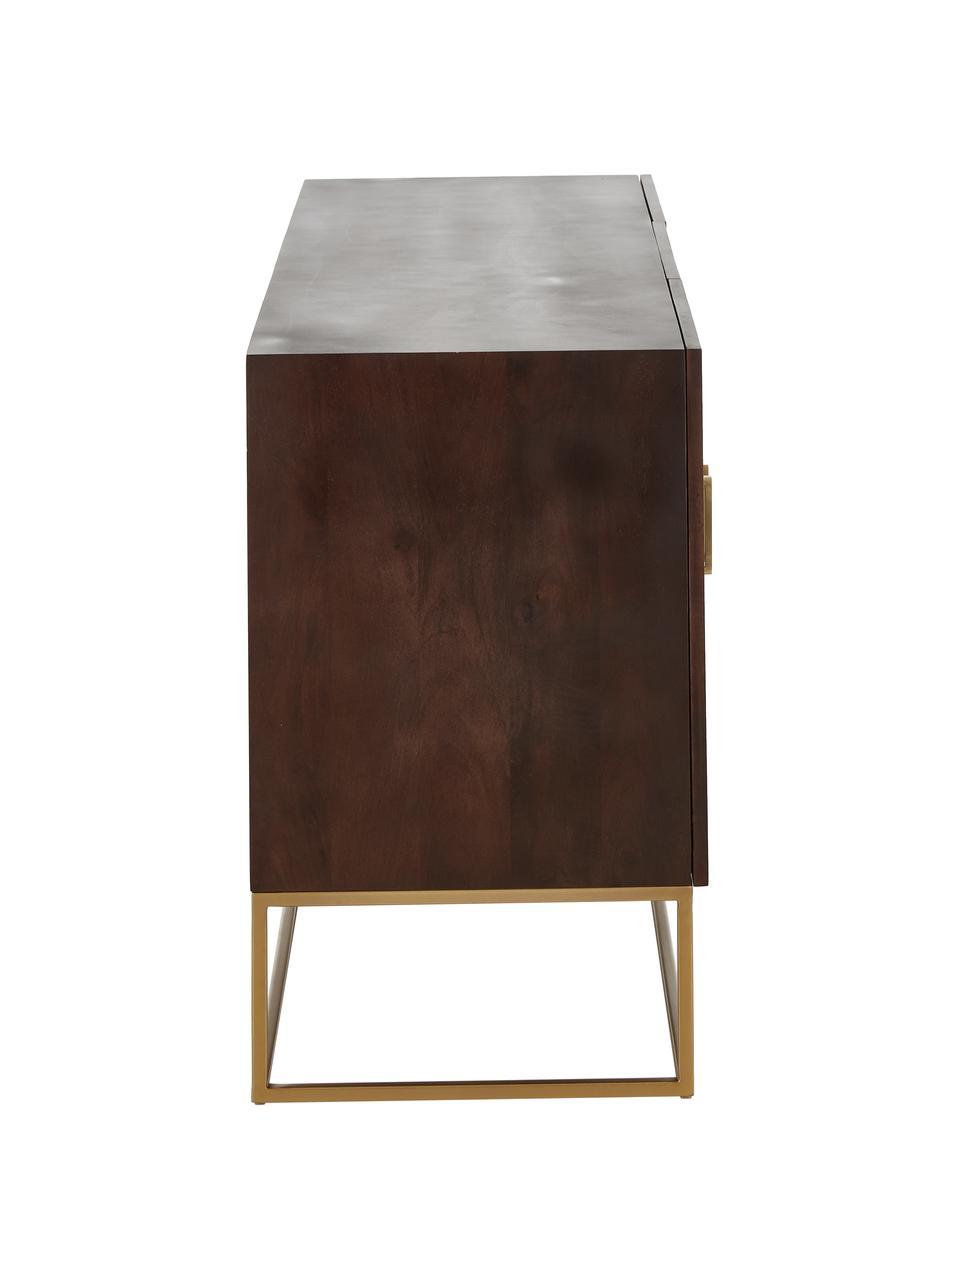 Sideboard Lyle mit Türen aus massivem Mangoholz, Korpus: Massives Mangoholz, lacki, Mangoholz, dunkel lackiert, 150 x 72 cm